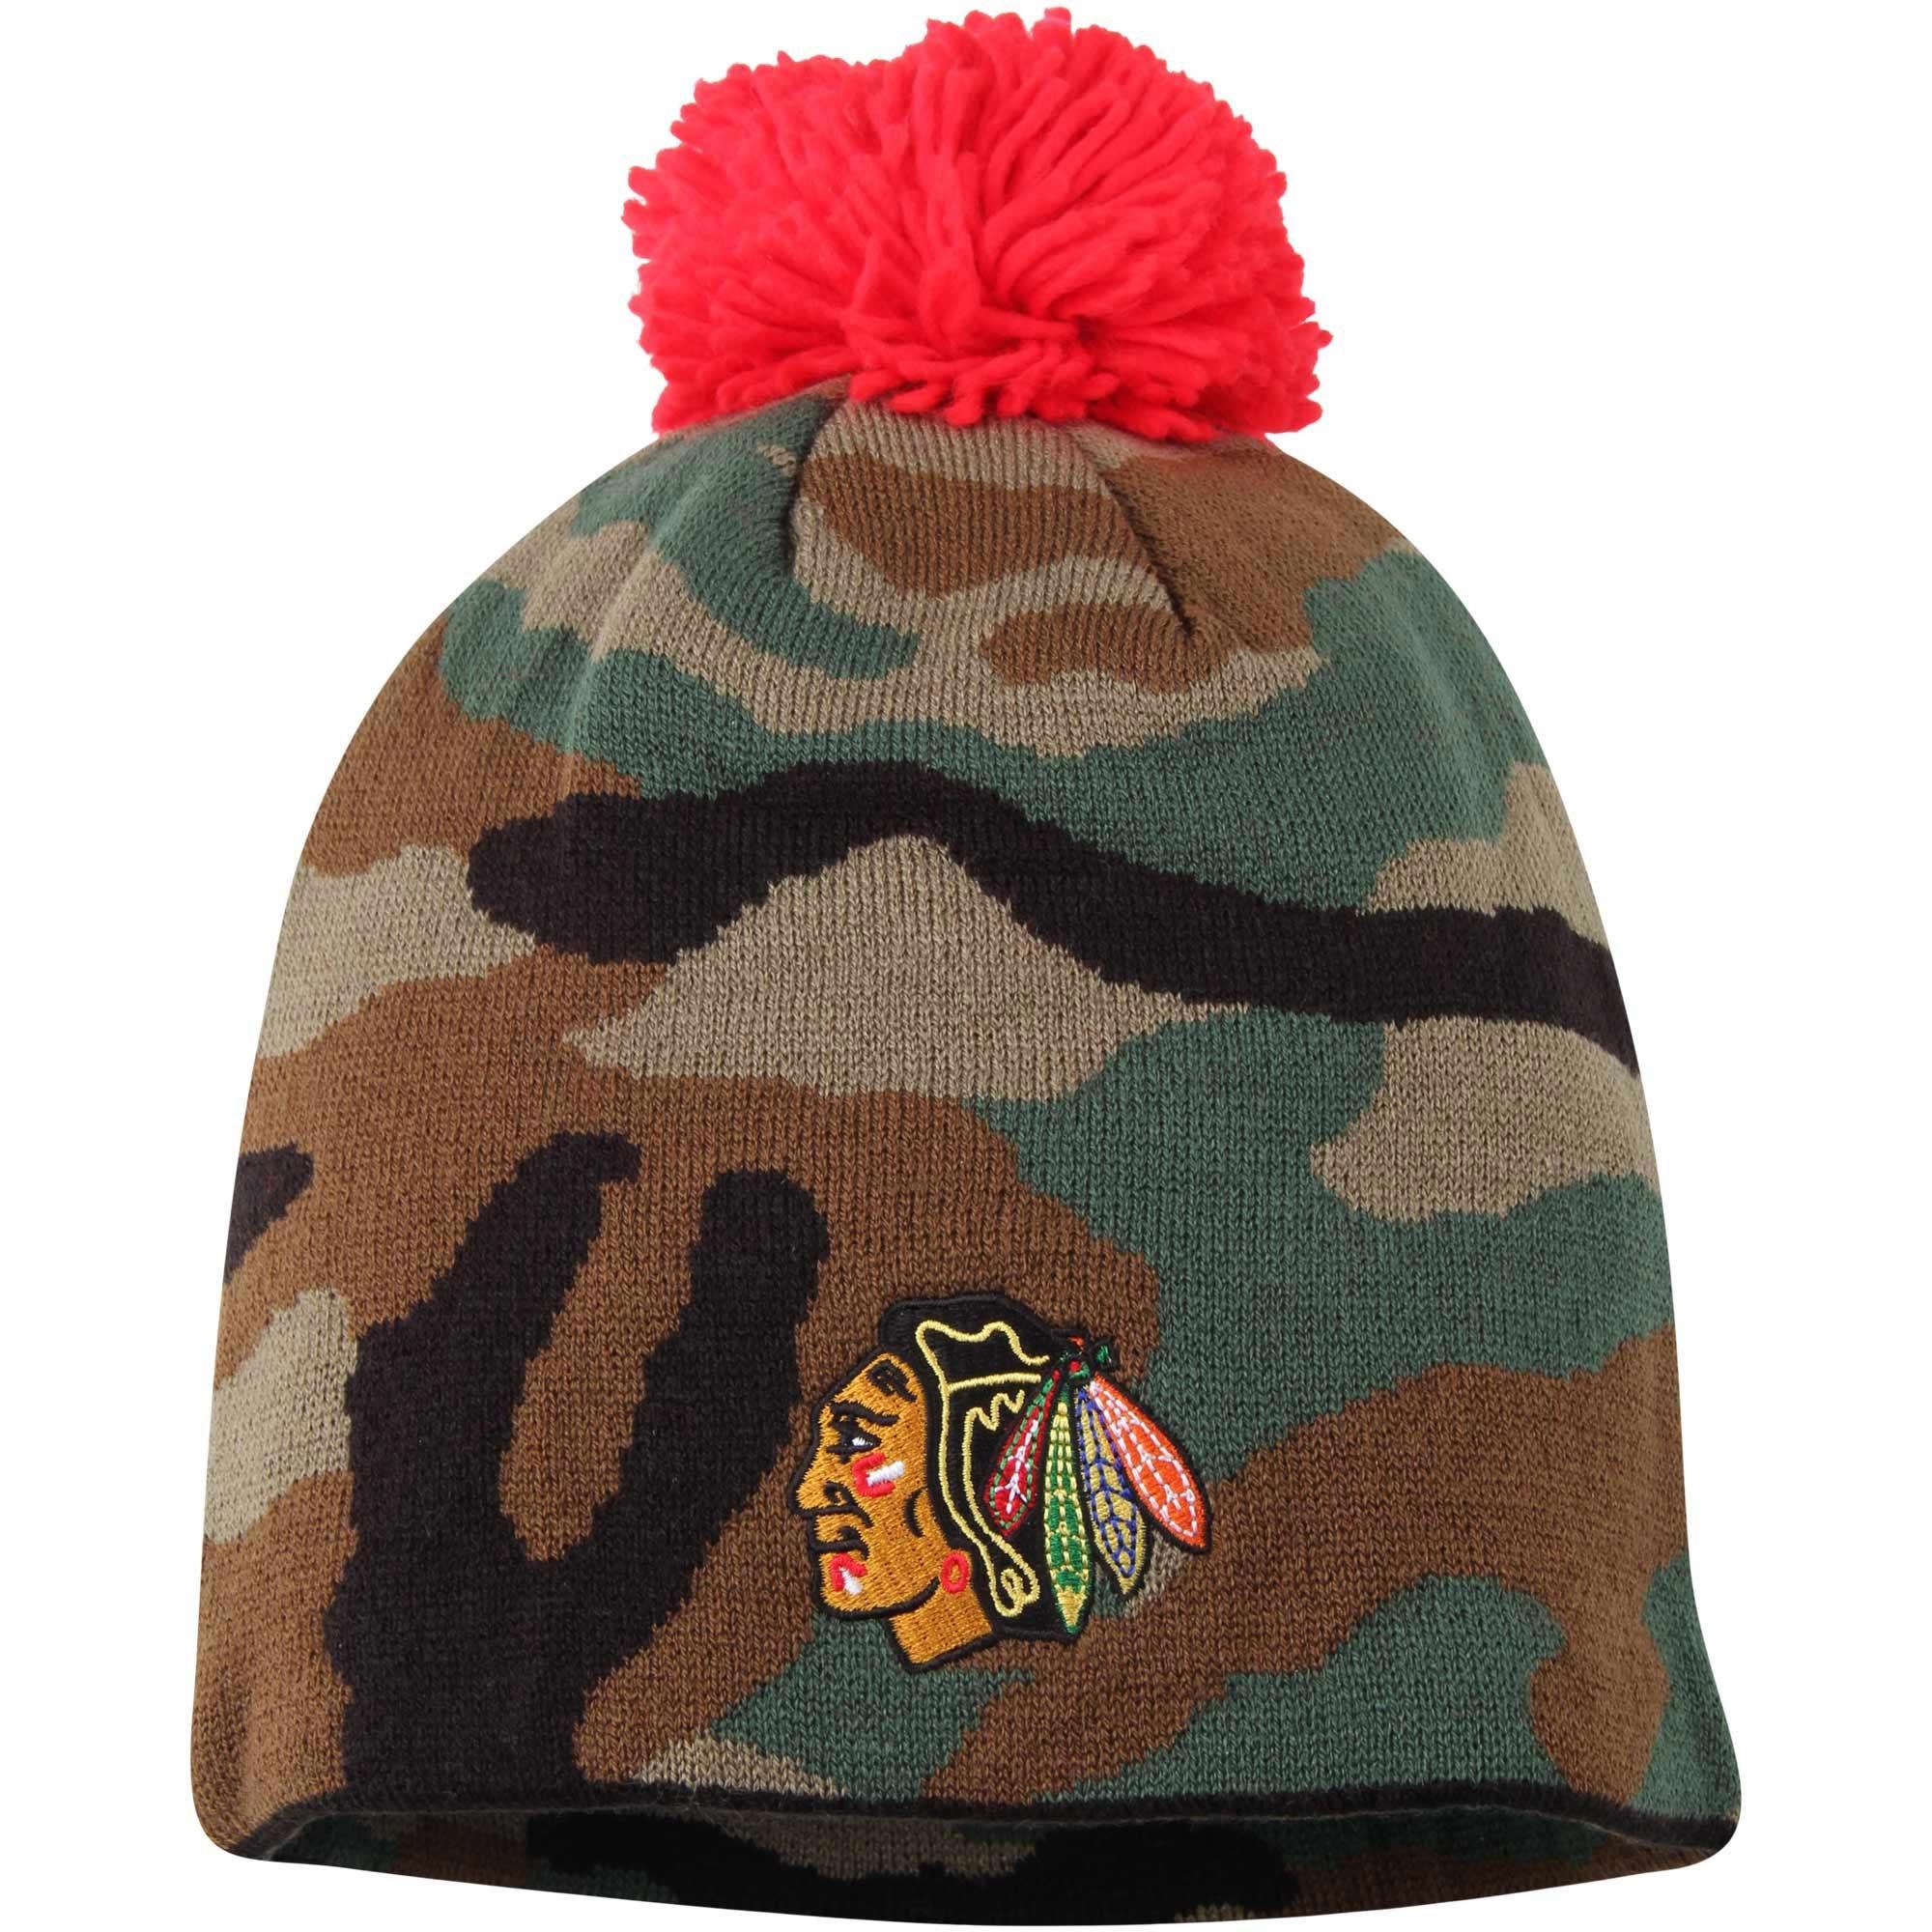 Kulich Chicago Blackhawks Reebok Camo Cuffless Knit Beanie With Pom